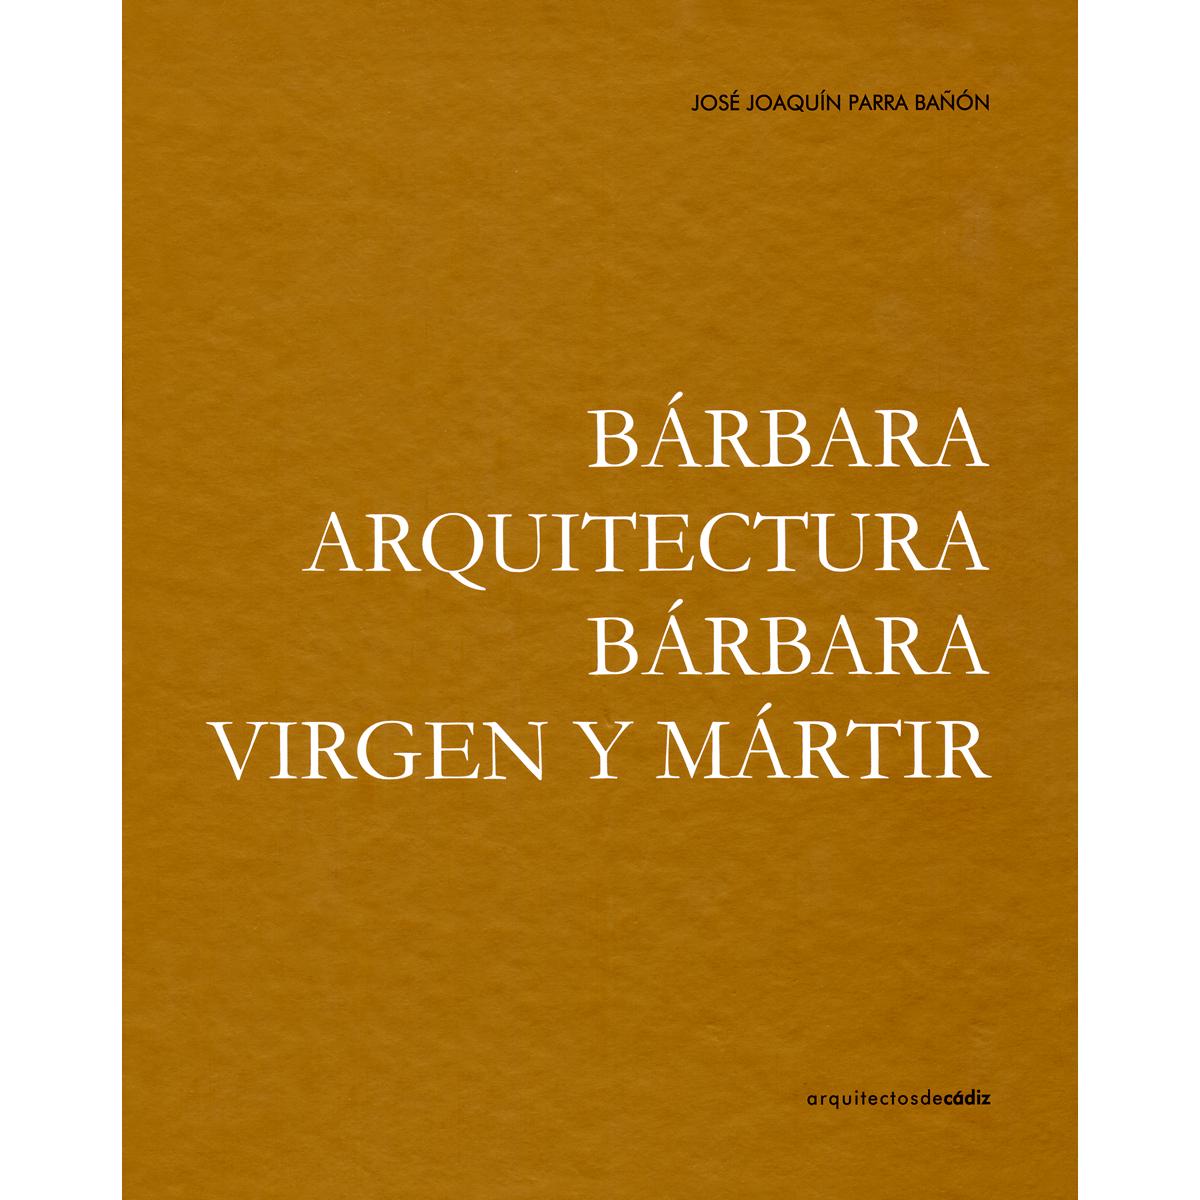 Bárbara arquitectura, bárbara virgen y mártir